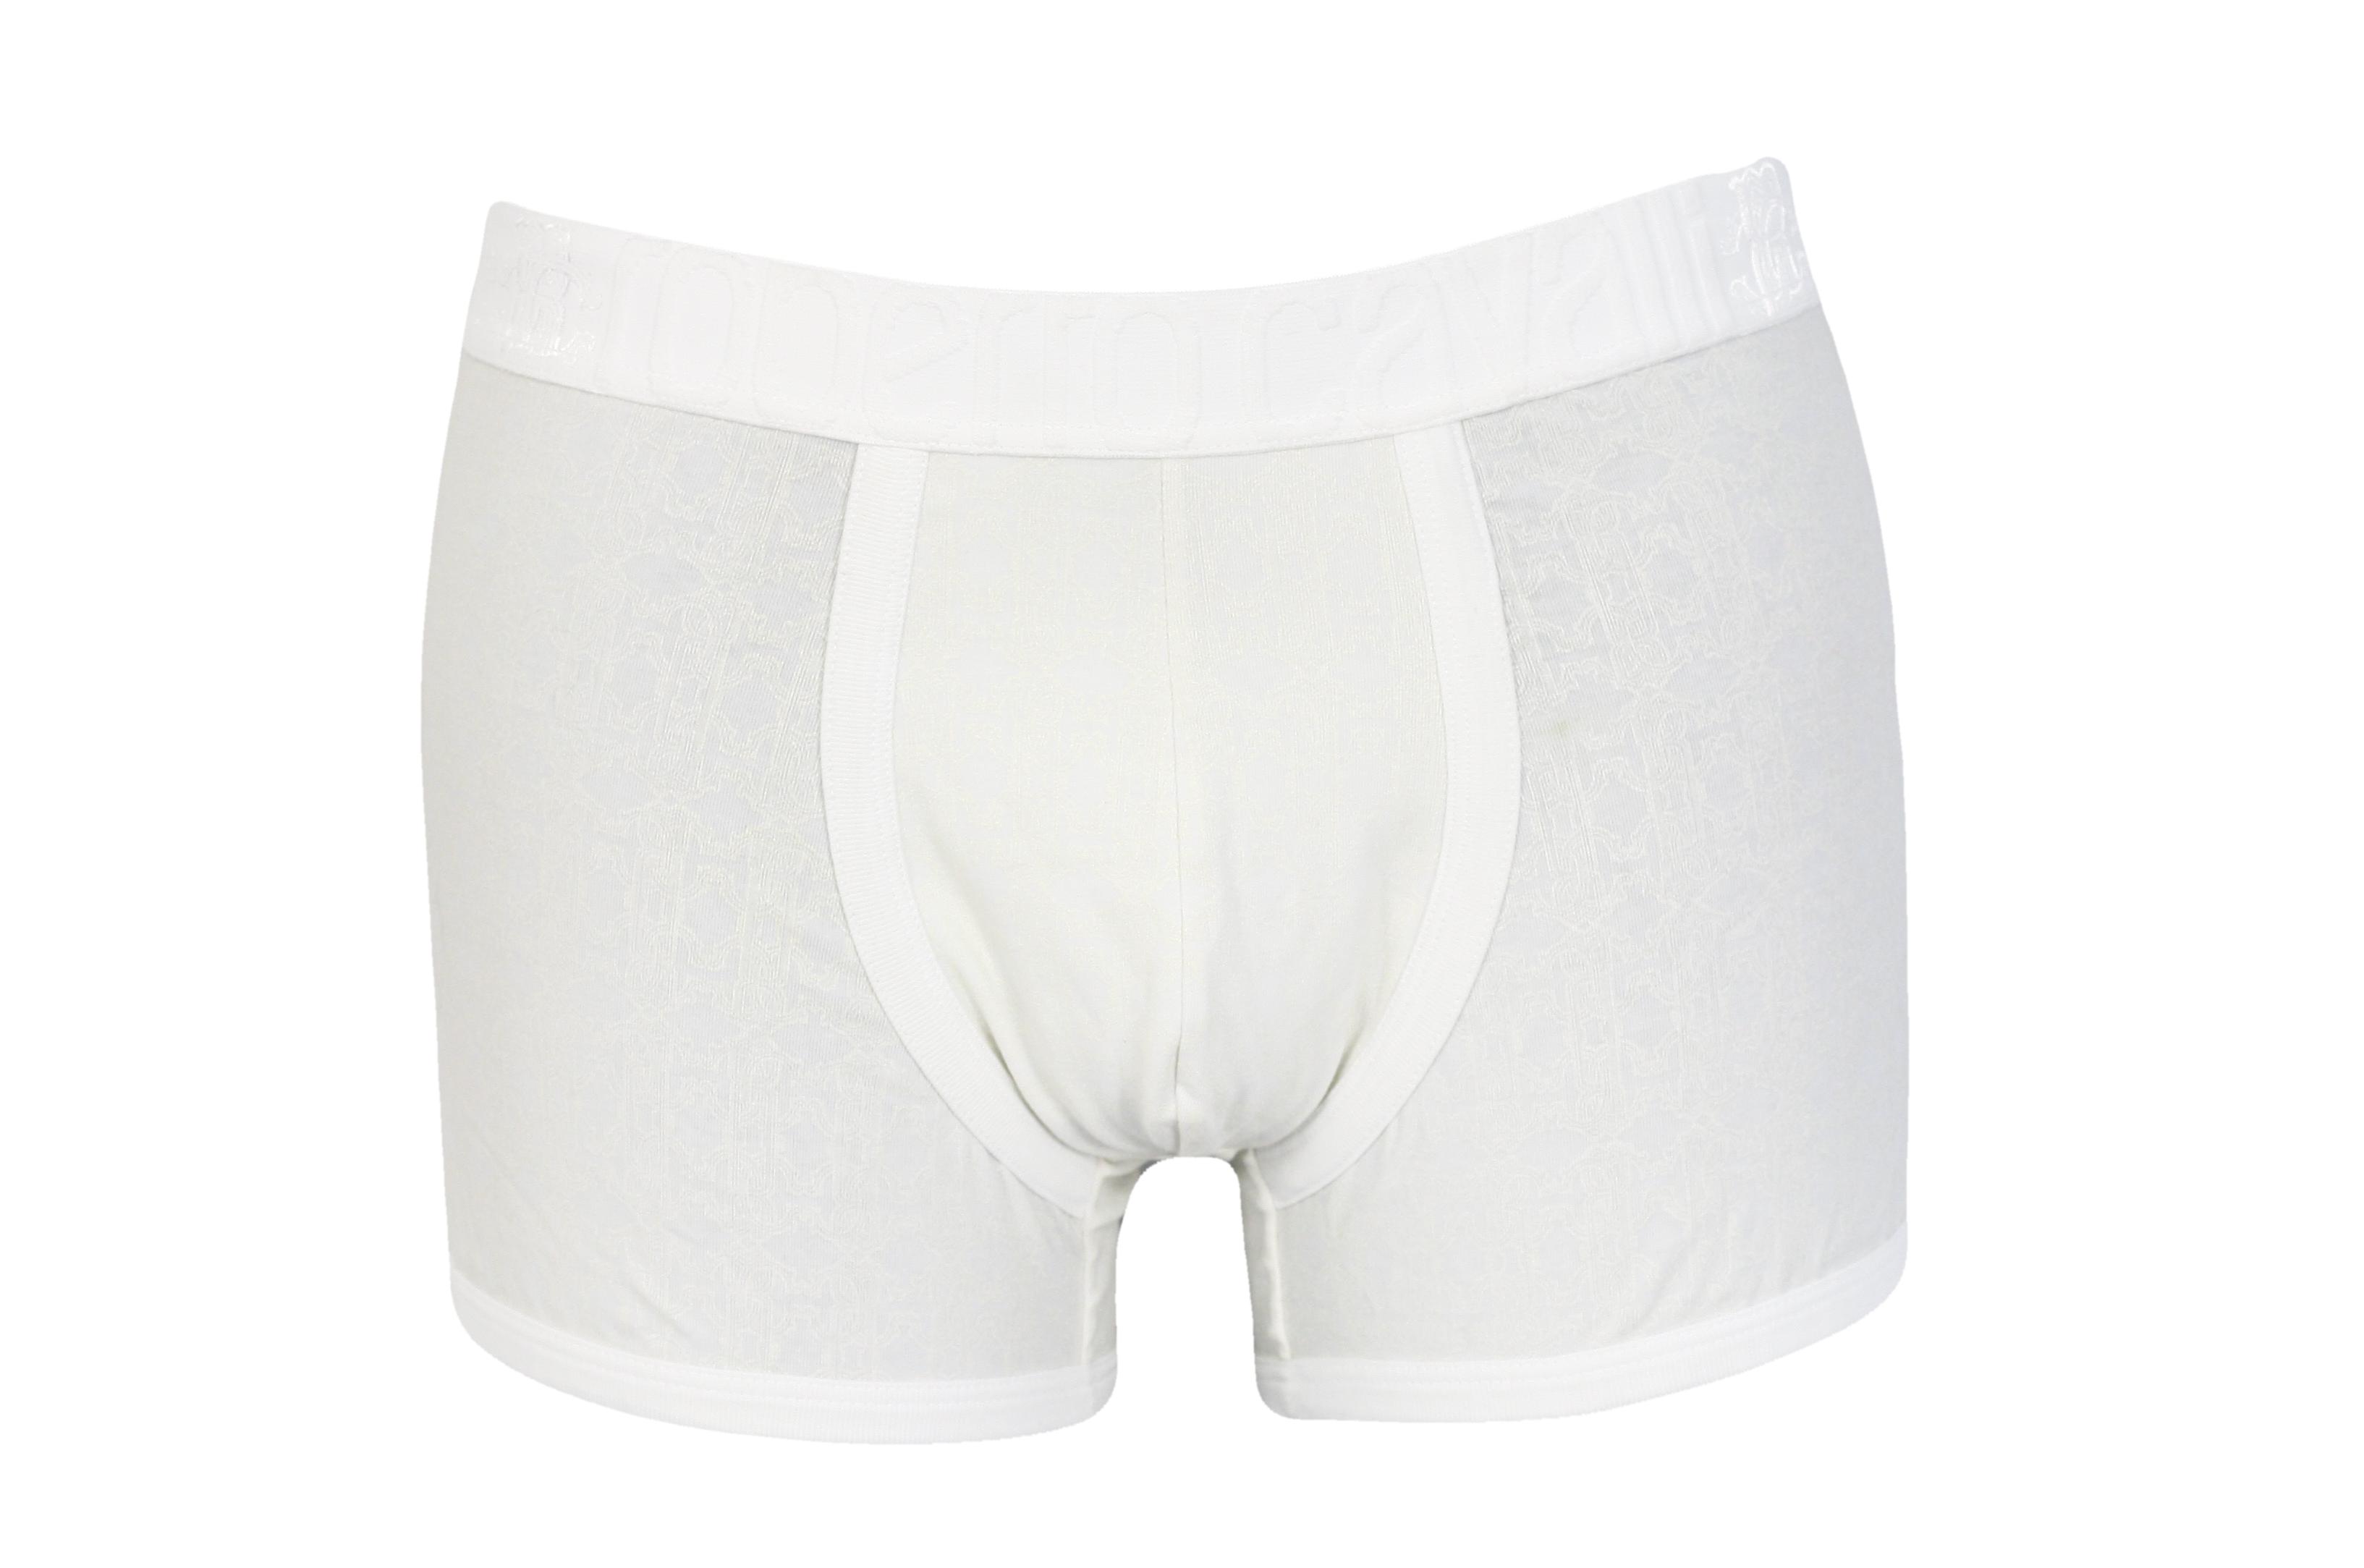 Pánské boxerky 2699 white - Roberto Cavalli - Bílá/XL